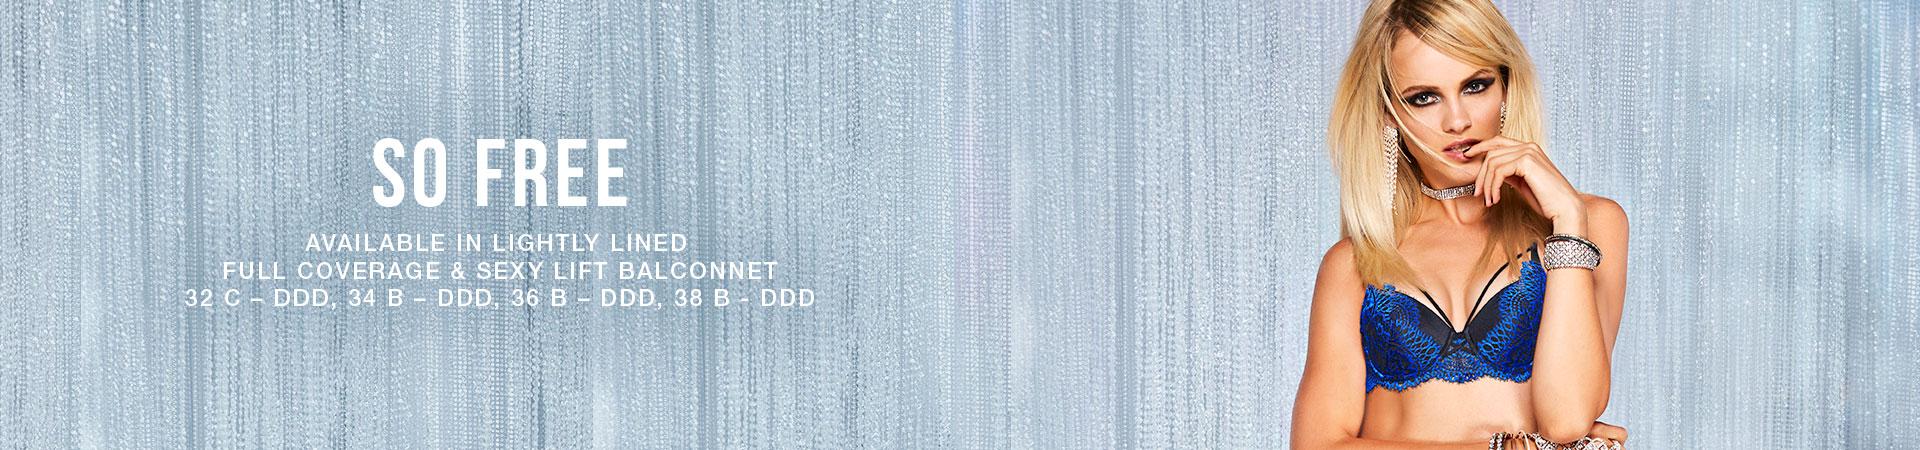 So Free. Available in lightly lined full coverage & sexy lift balconnet. 32C-DDD, 34B-DDD, 36B-DDD, 38B-DDD